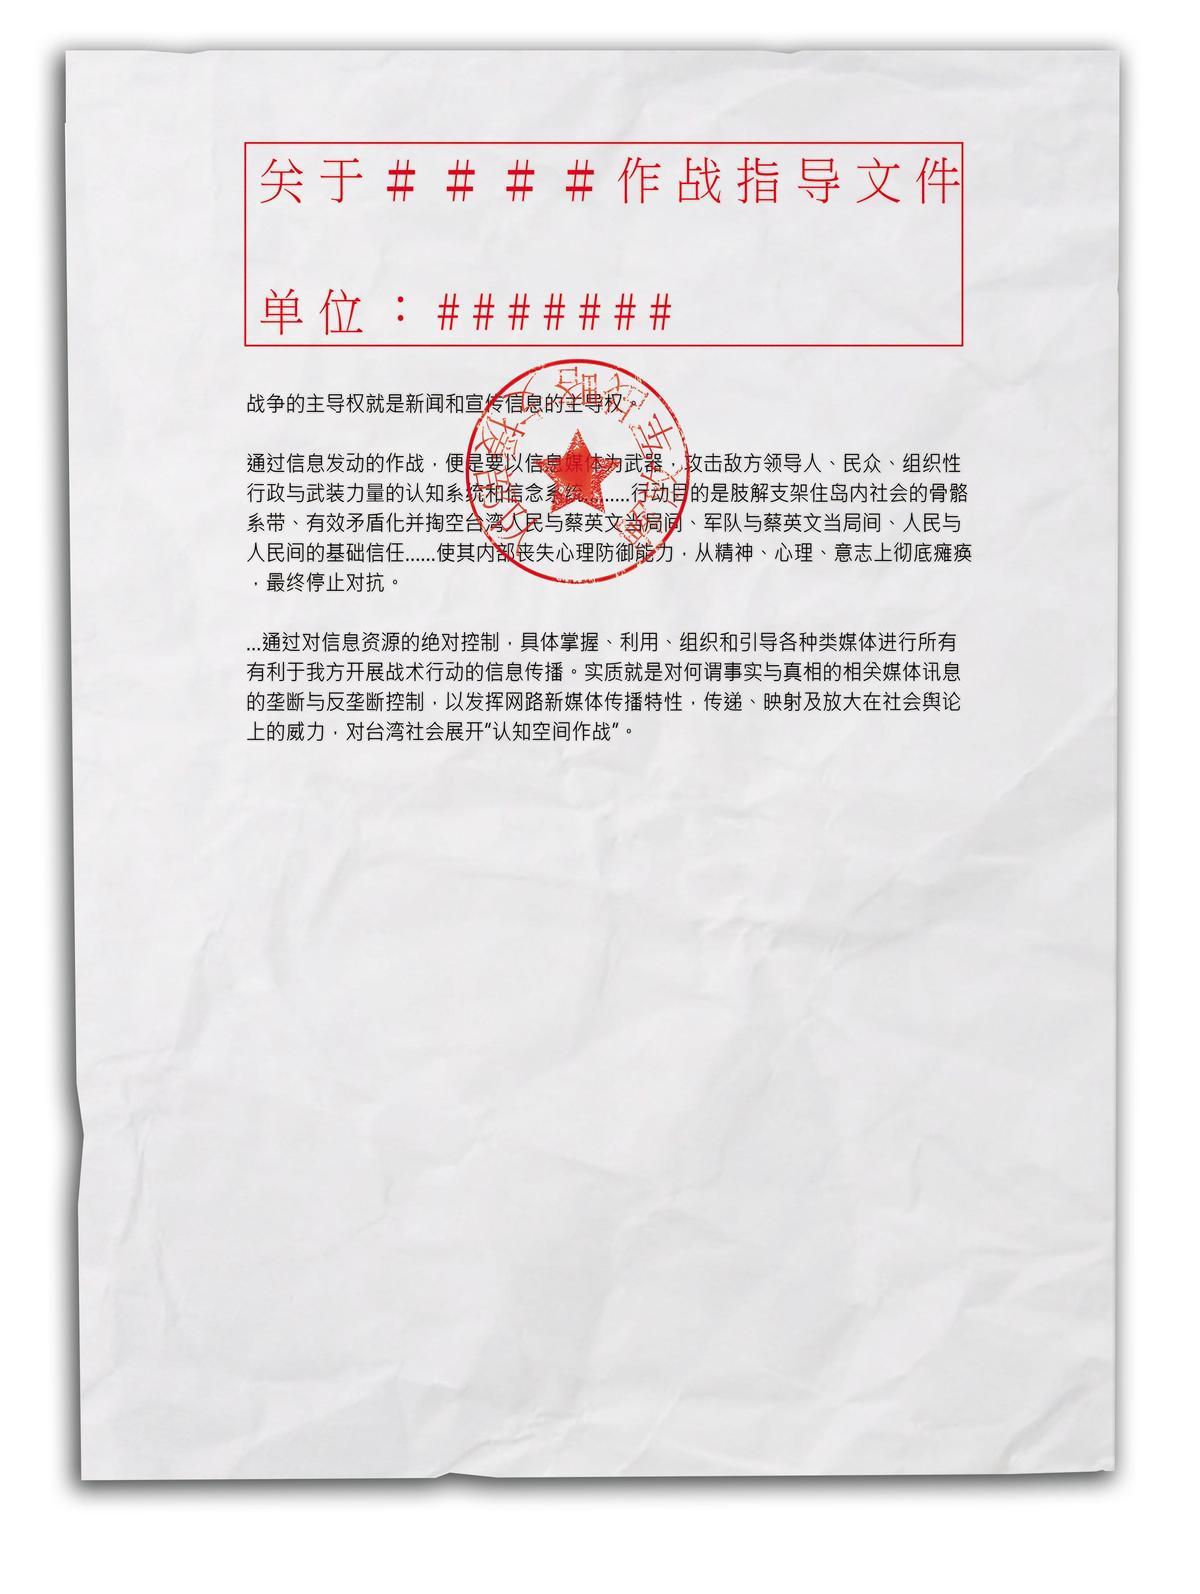 密件以簡體中文打字,明確點出戰略意圖就是透過網路、社群啟動對台信息戰。(模擬畫面)